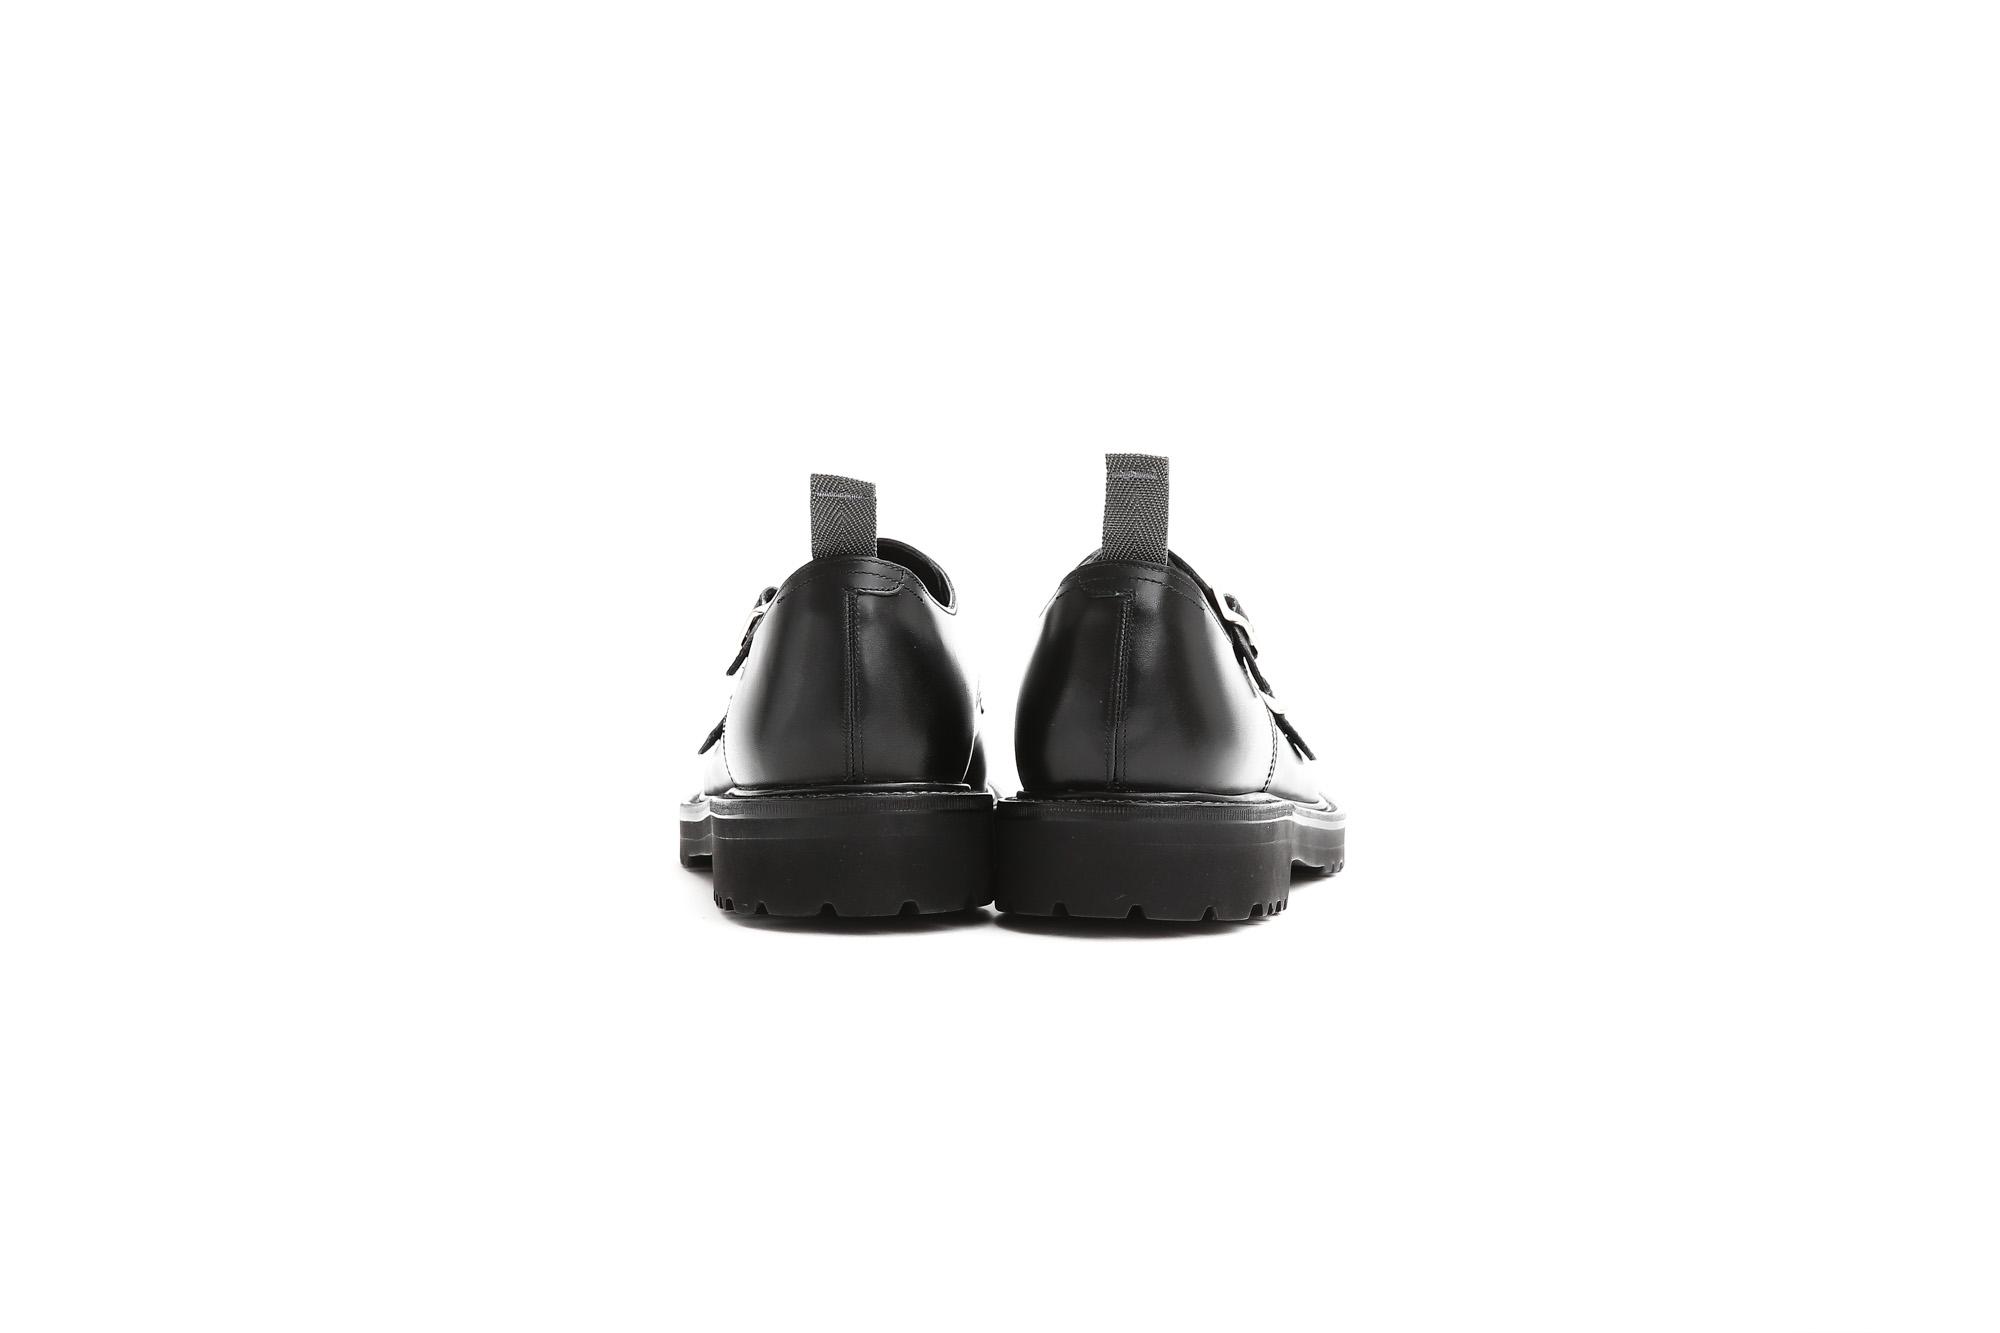 WH (ダブルエイチ) 【WH-0300(WHS-0300)】 Double Monk Strap Shoes (干場氏 スペシャル モデル) Cruise Last (クルーズラスト) ダブルモンクストラップシューズ BLACK (ブラック) MADE IN JAPAN (日本製) 2018 春夏新作 【干場氏、坪内氏の直筆サイン入り】【Alto e Diritto限定 スペシャルアイテム】 wh 干場さん 干場スペシャル FORZASTYLE フォルザスタイル 愛知 名古屋 Alto e Diritto アルト エ デリット